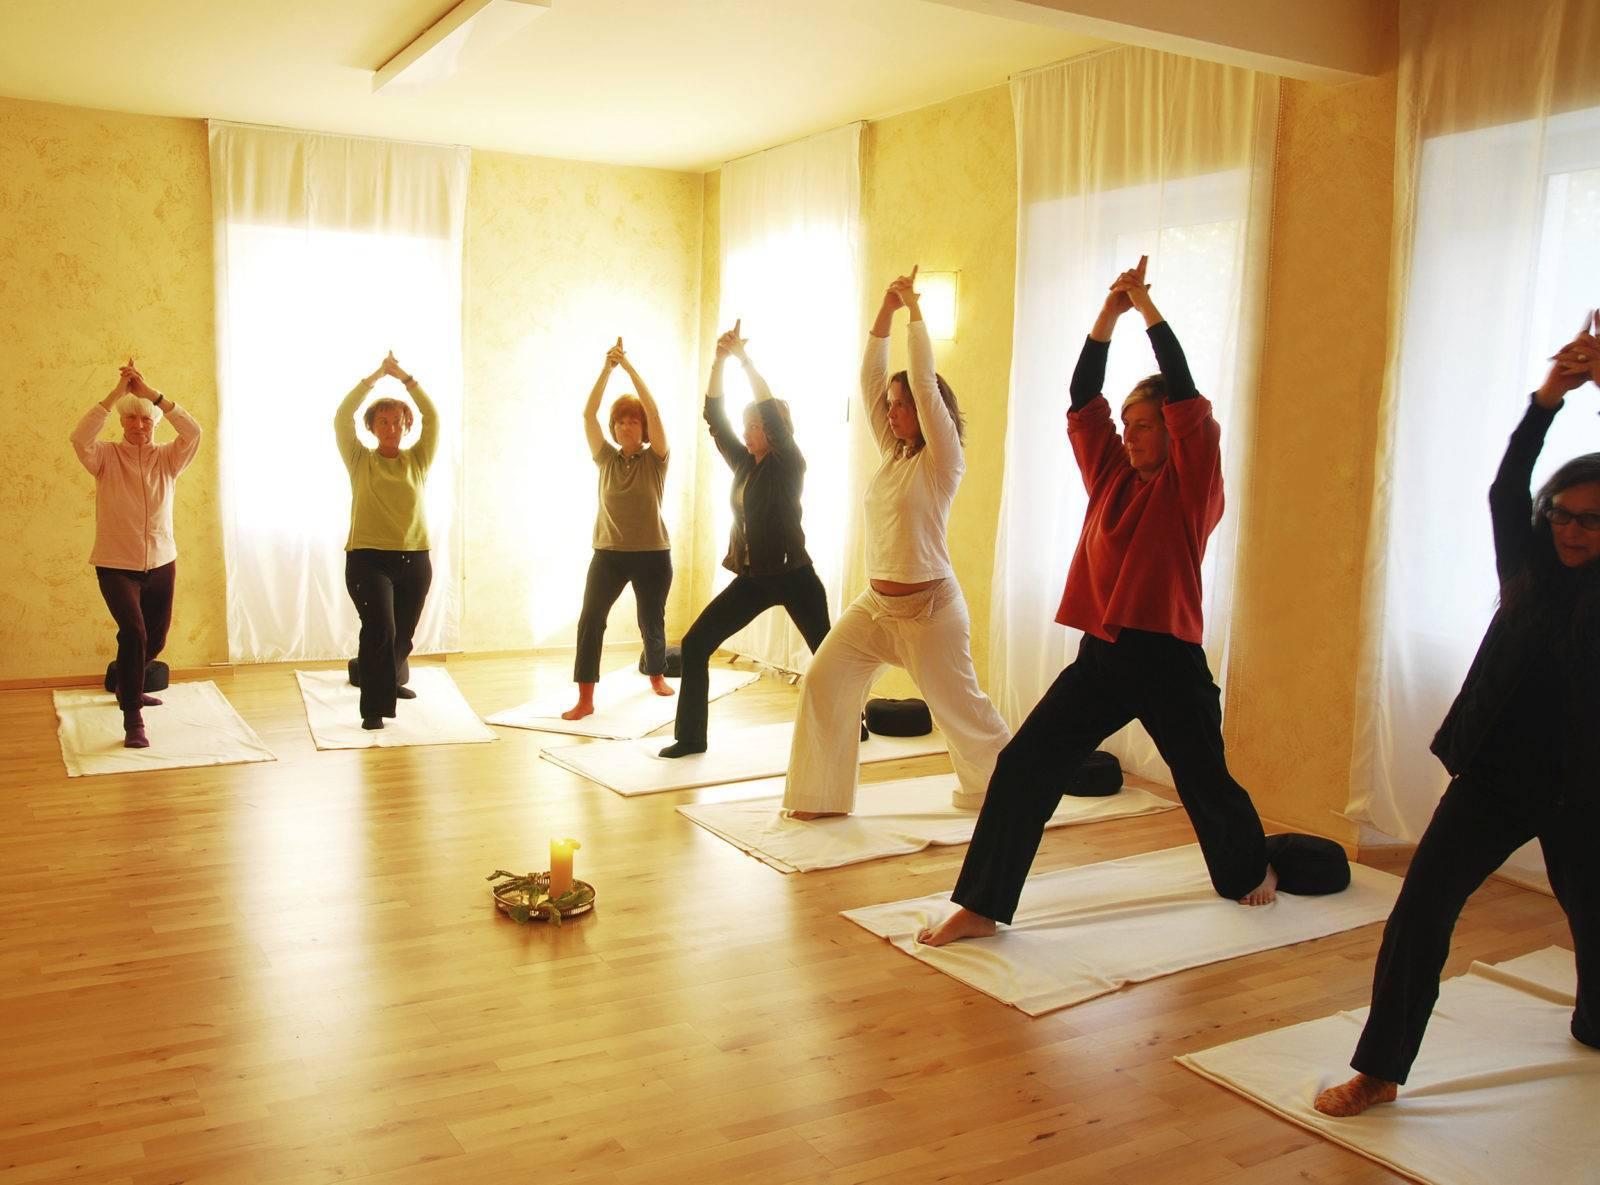 Йога для пожилых - простые асаны и комплексы упражнений с видео